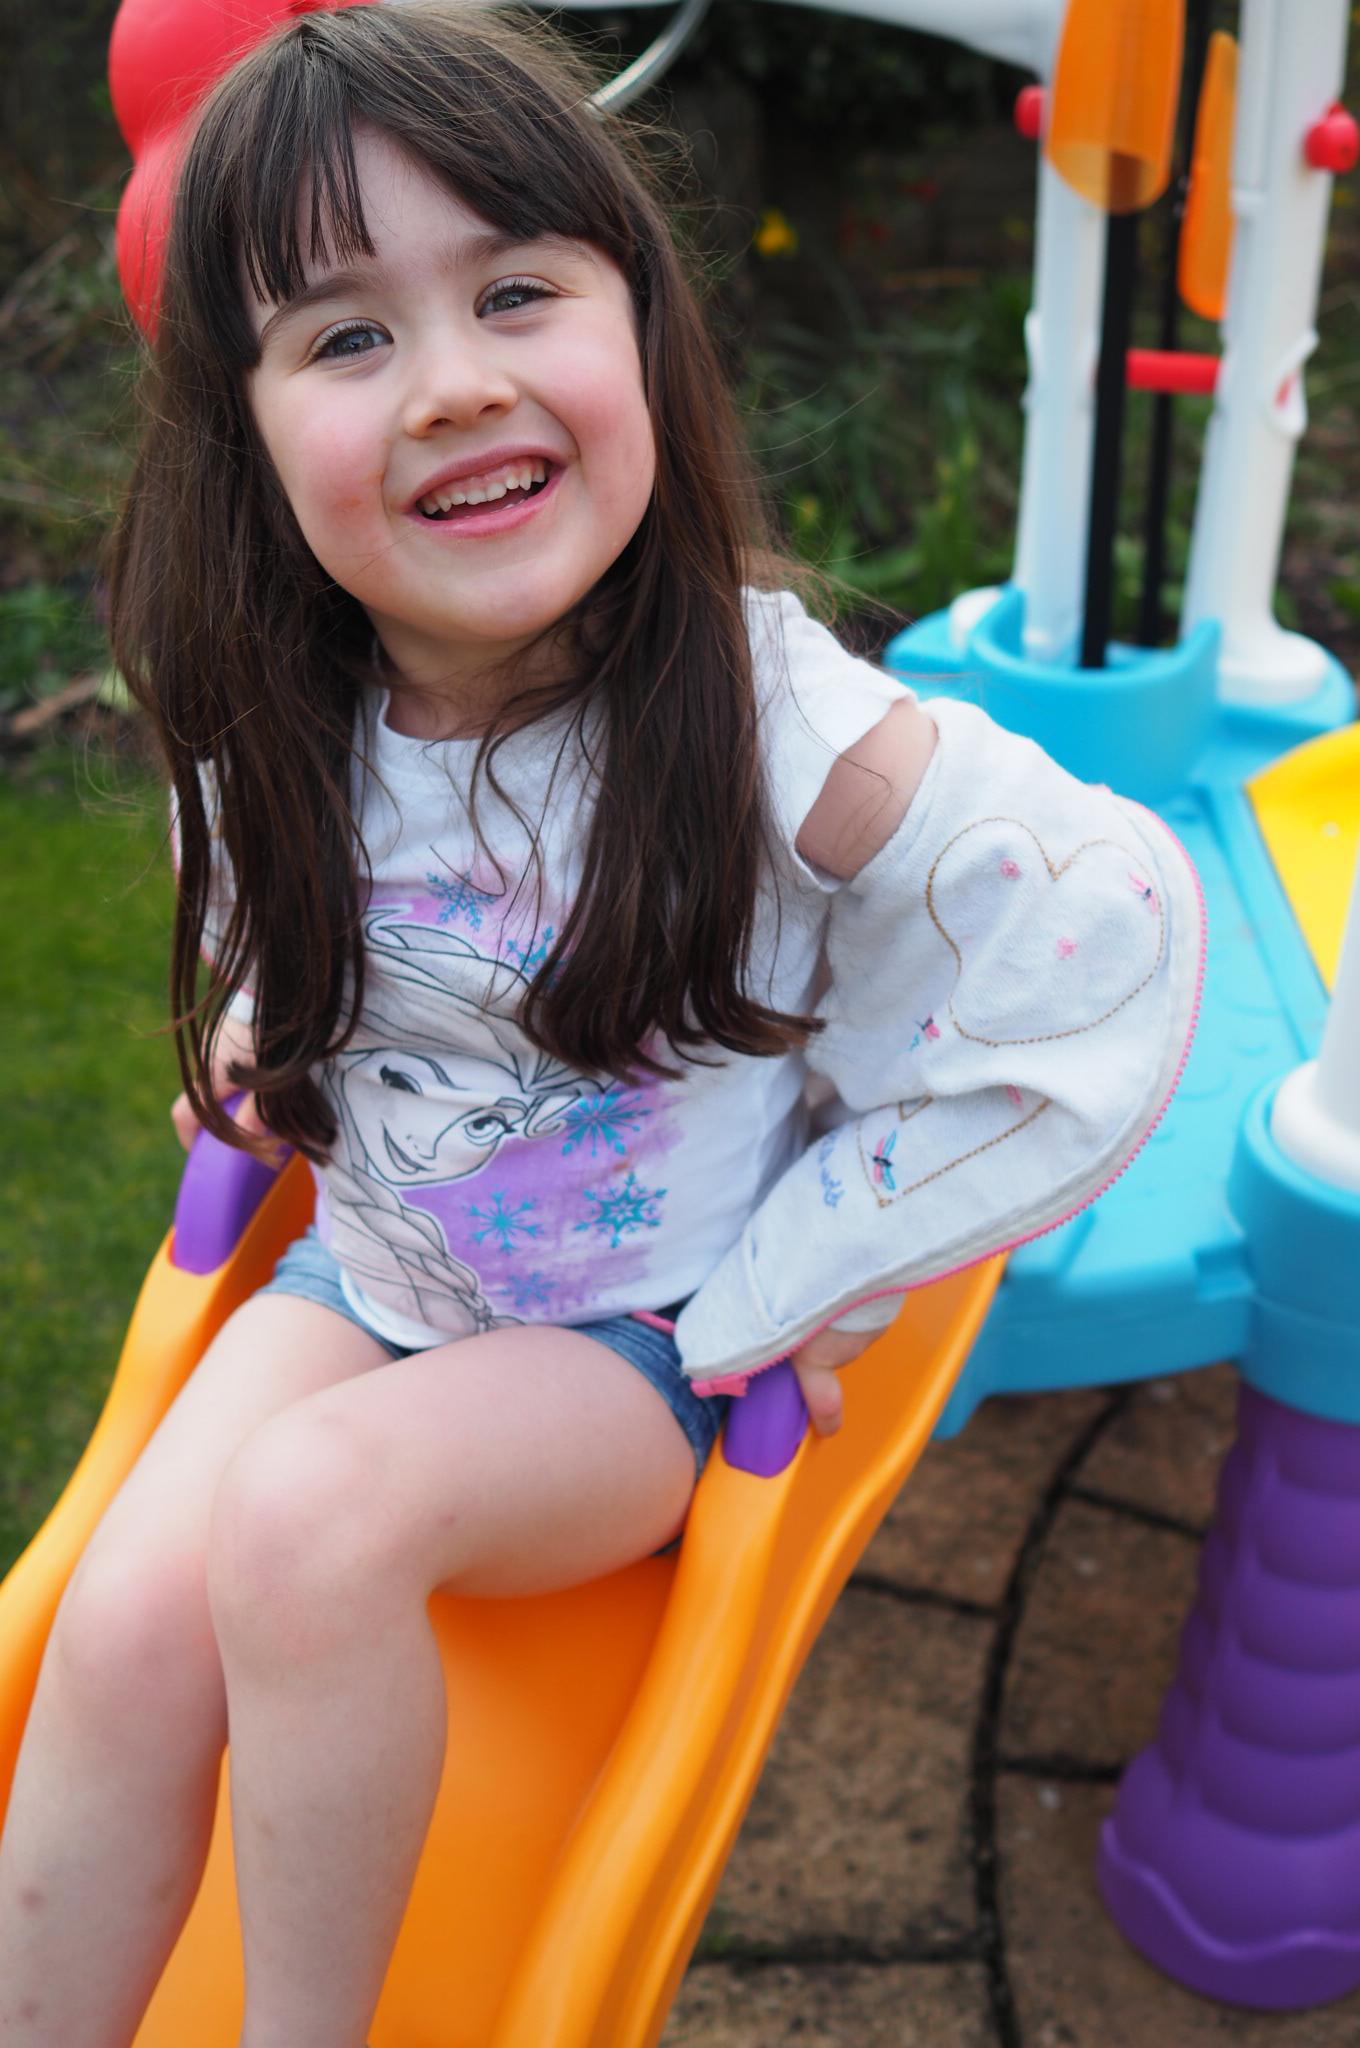 girl on slide on Little Tikes Tumblin' Tower